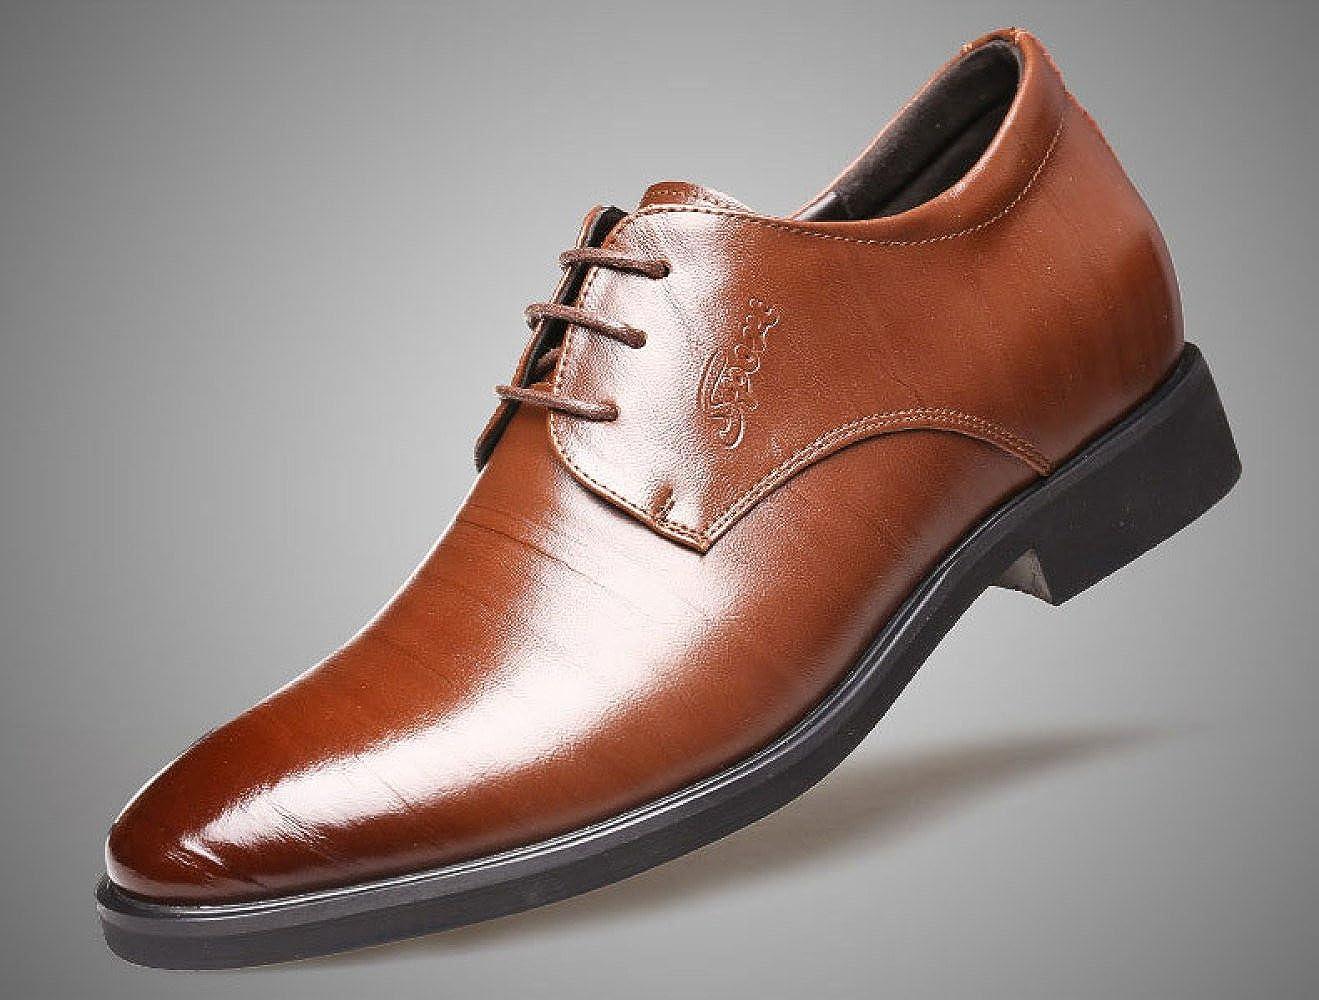 LEDLFIE Herren Echtleder Lederschuhe Tipps Schnürsenkel Braun Reiben Einzelne Schuhe Schuhe Braun Schnürsenkel f89970